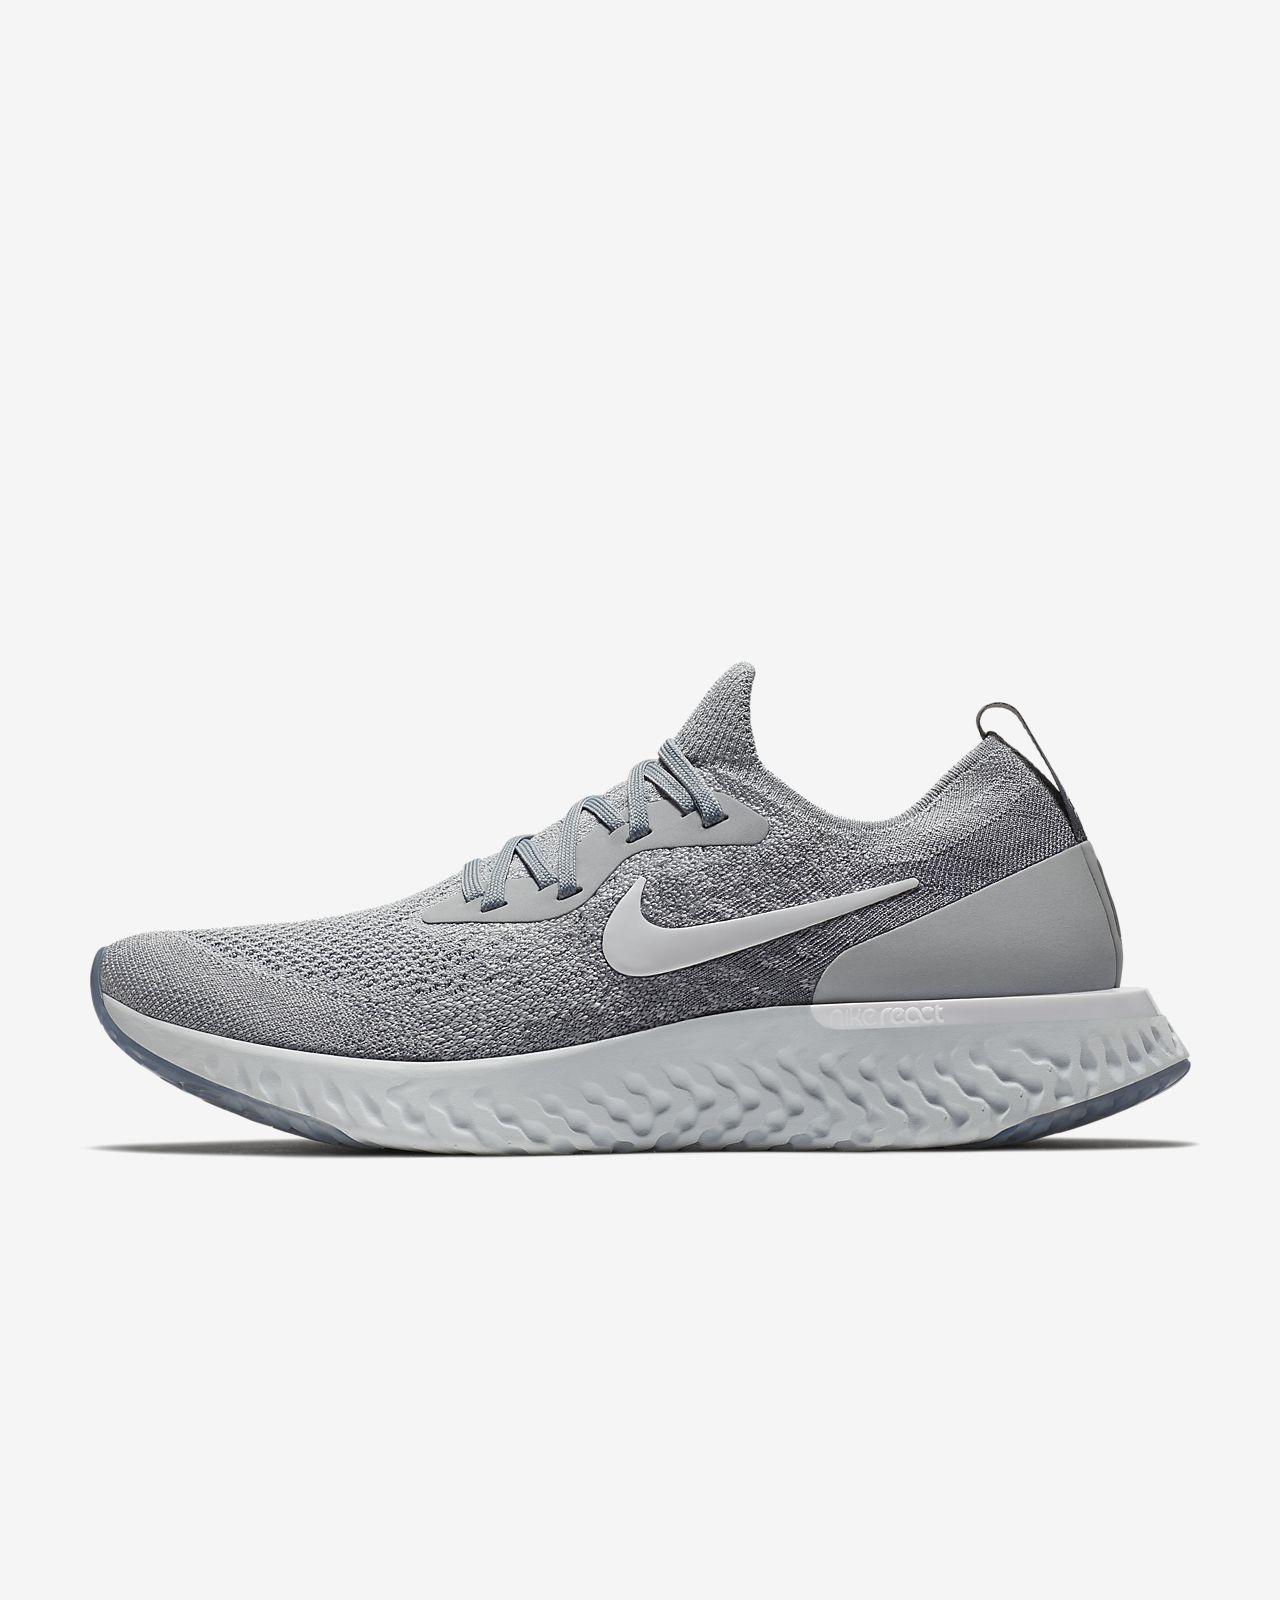 Chaussure Épique Réagir Flyknit Course Hommes Nike HtOdpVY